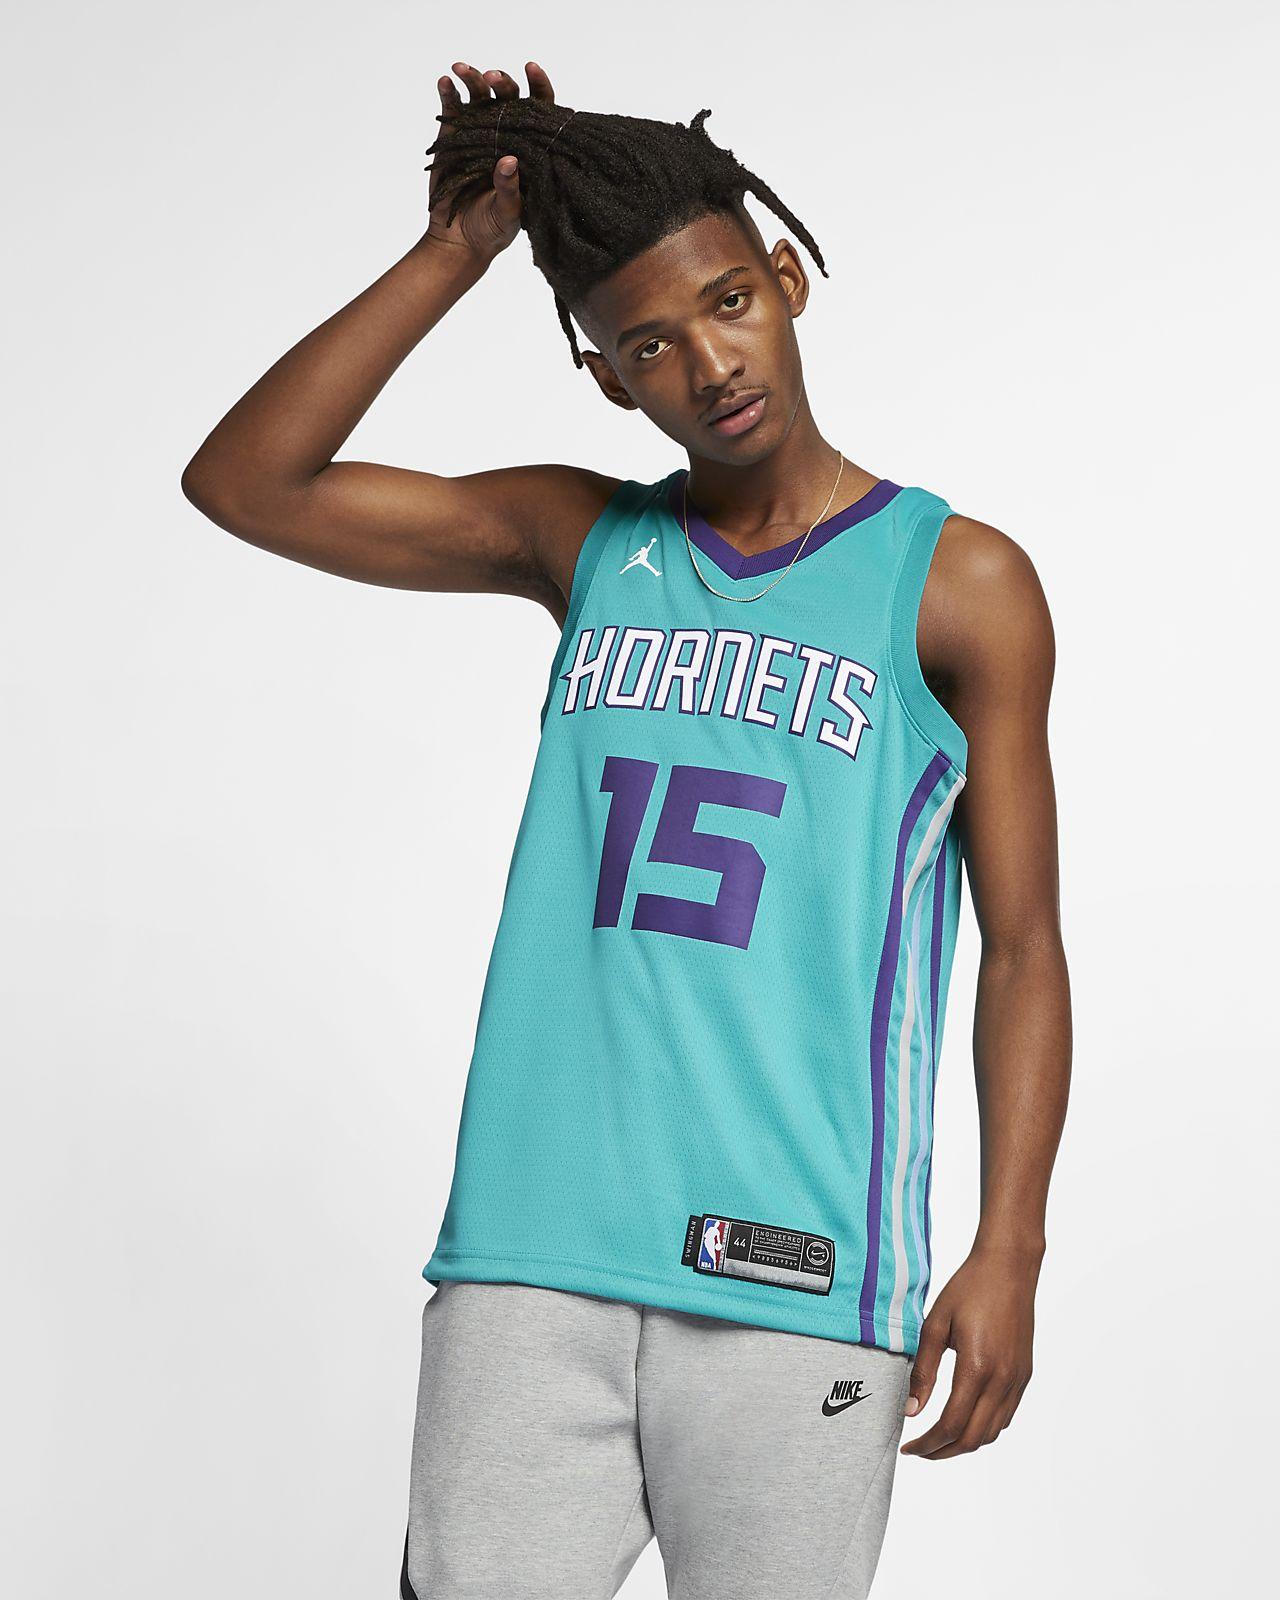 ケンバ ウォーカー アイコン エディション スウィングマン (シャーロット・ホーネッツ) メンズ ジョーダン NBA コネクテッド ジャージー